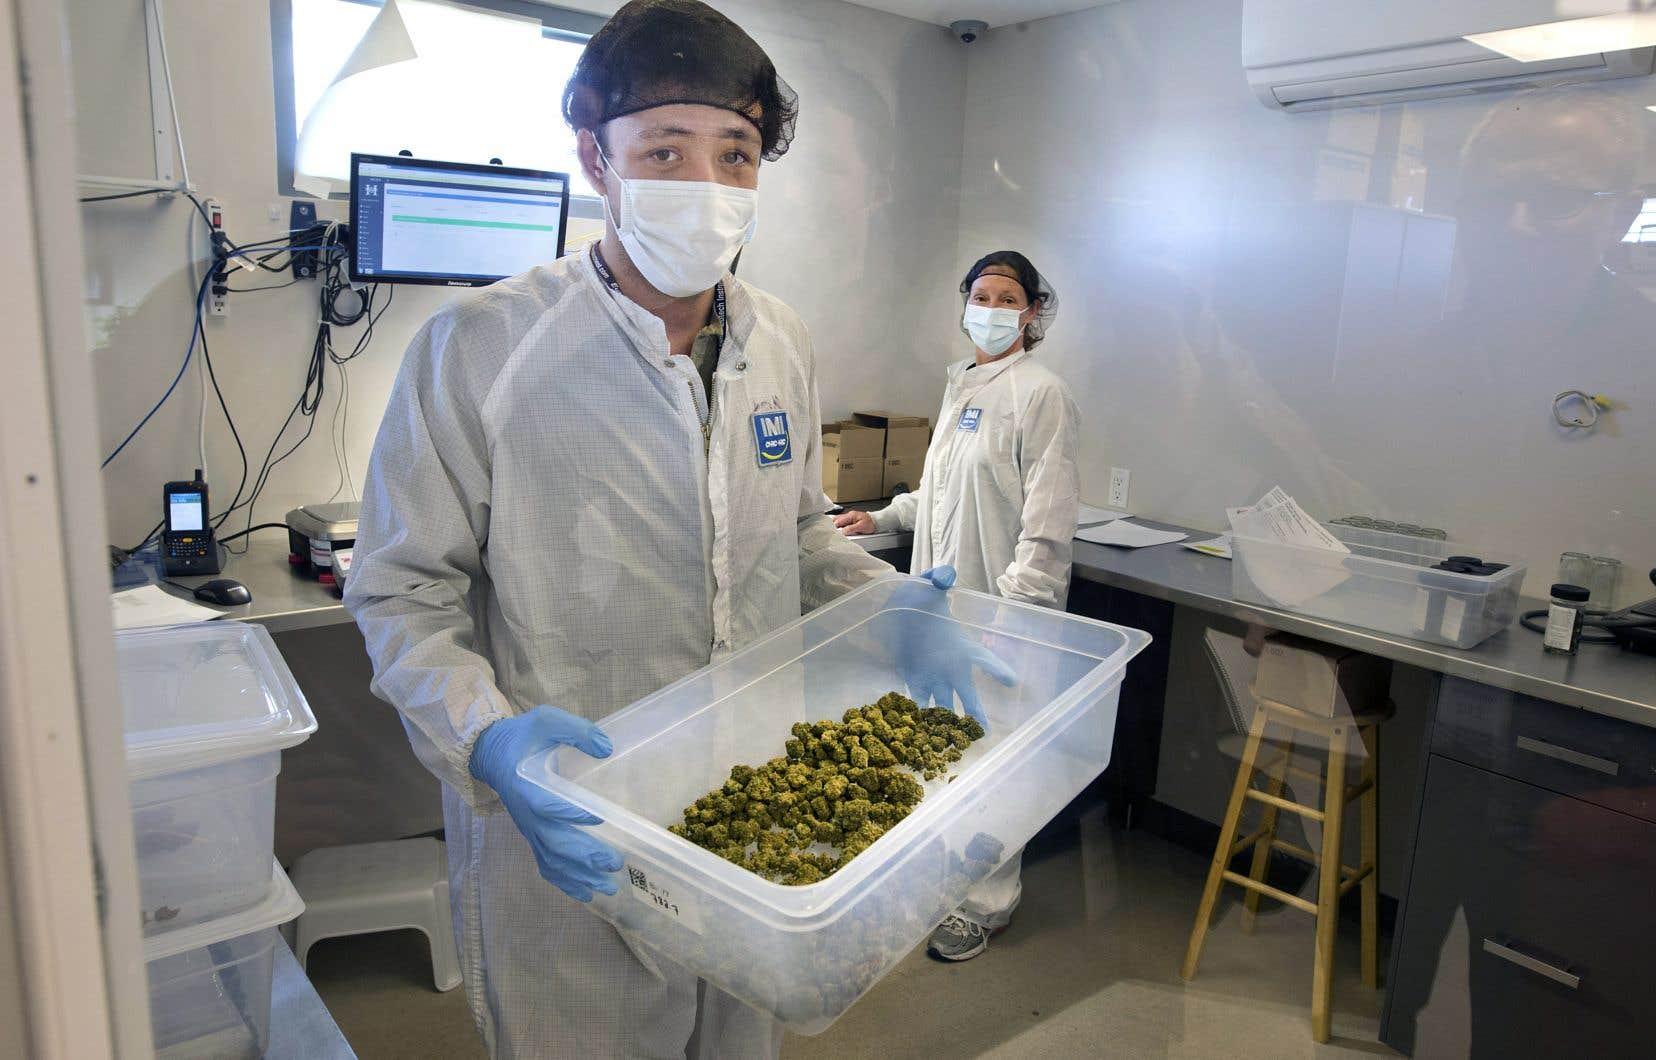 La Société québécoise du cannabis dit faire totalement confiance à ses fournisseurs pour ce qui est de la qualité des produits.